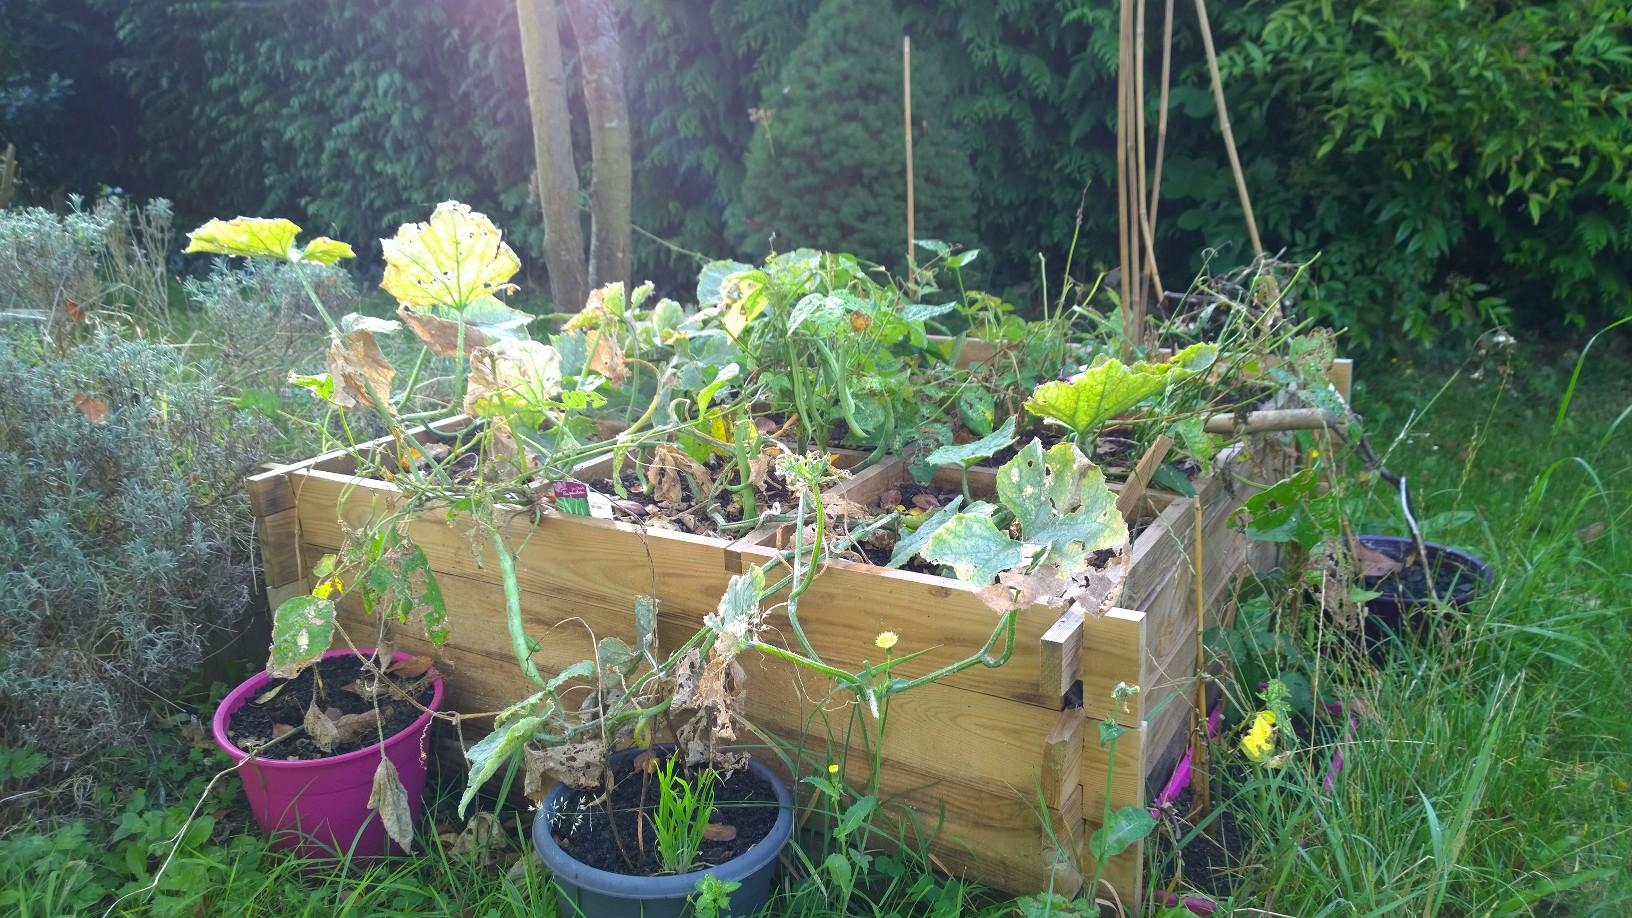 Comment cr er un potager chez soi lokace - Petit jardin potager carre ...